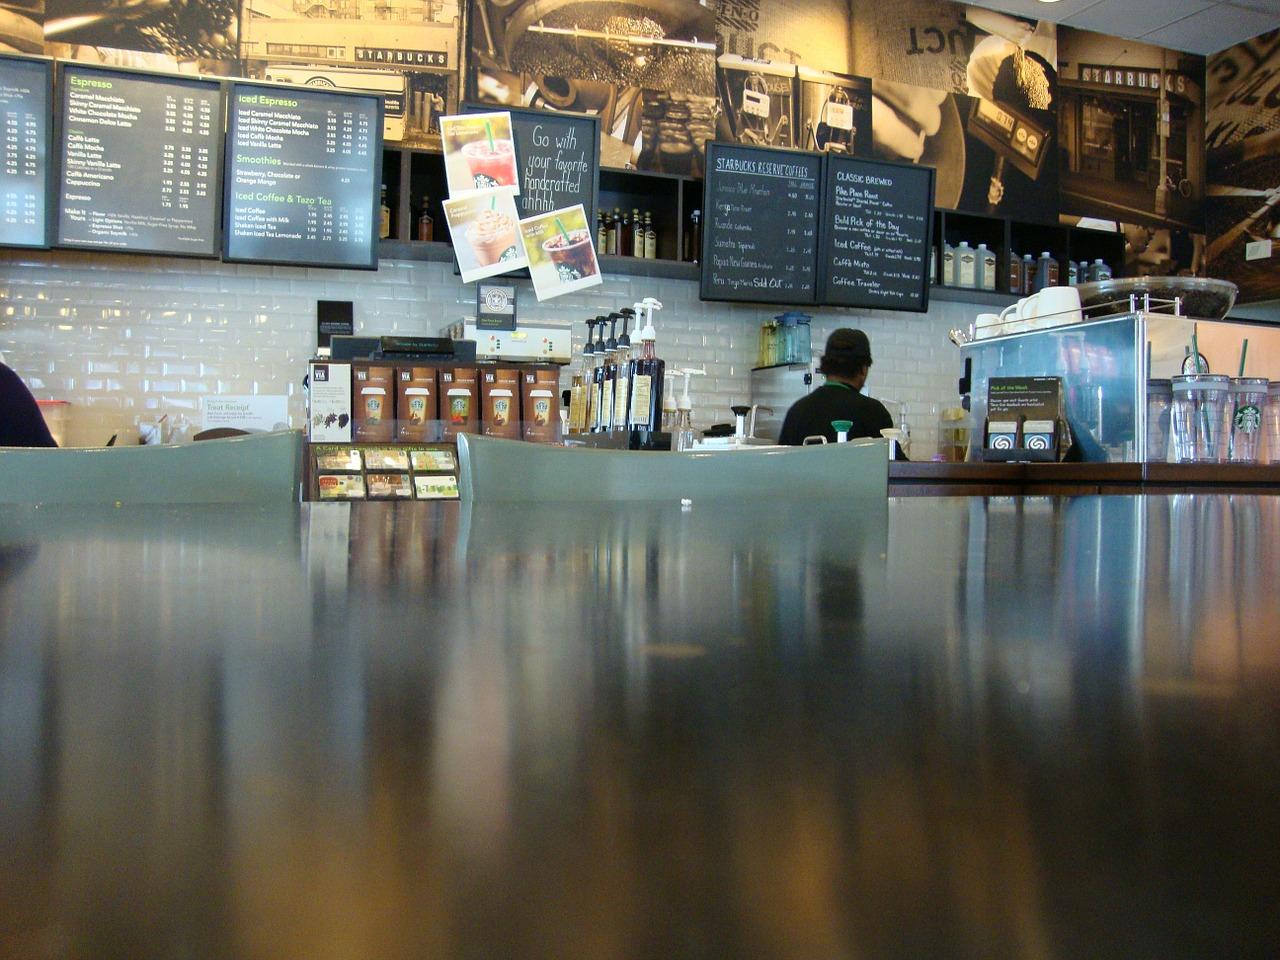 Die 5 größten Kaffeeketten auf der Welt